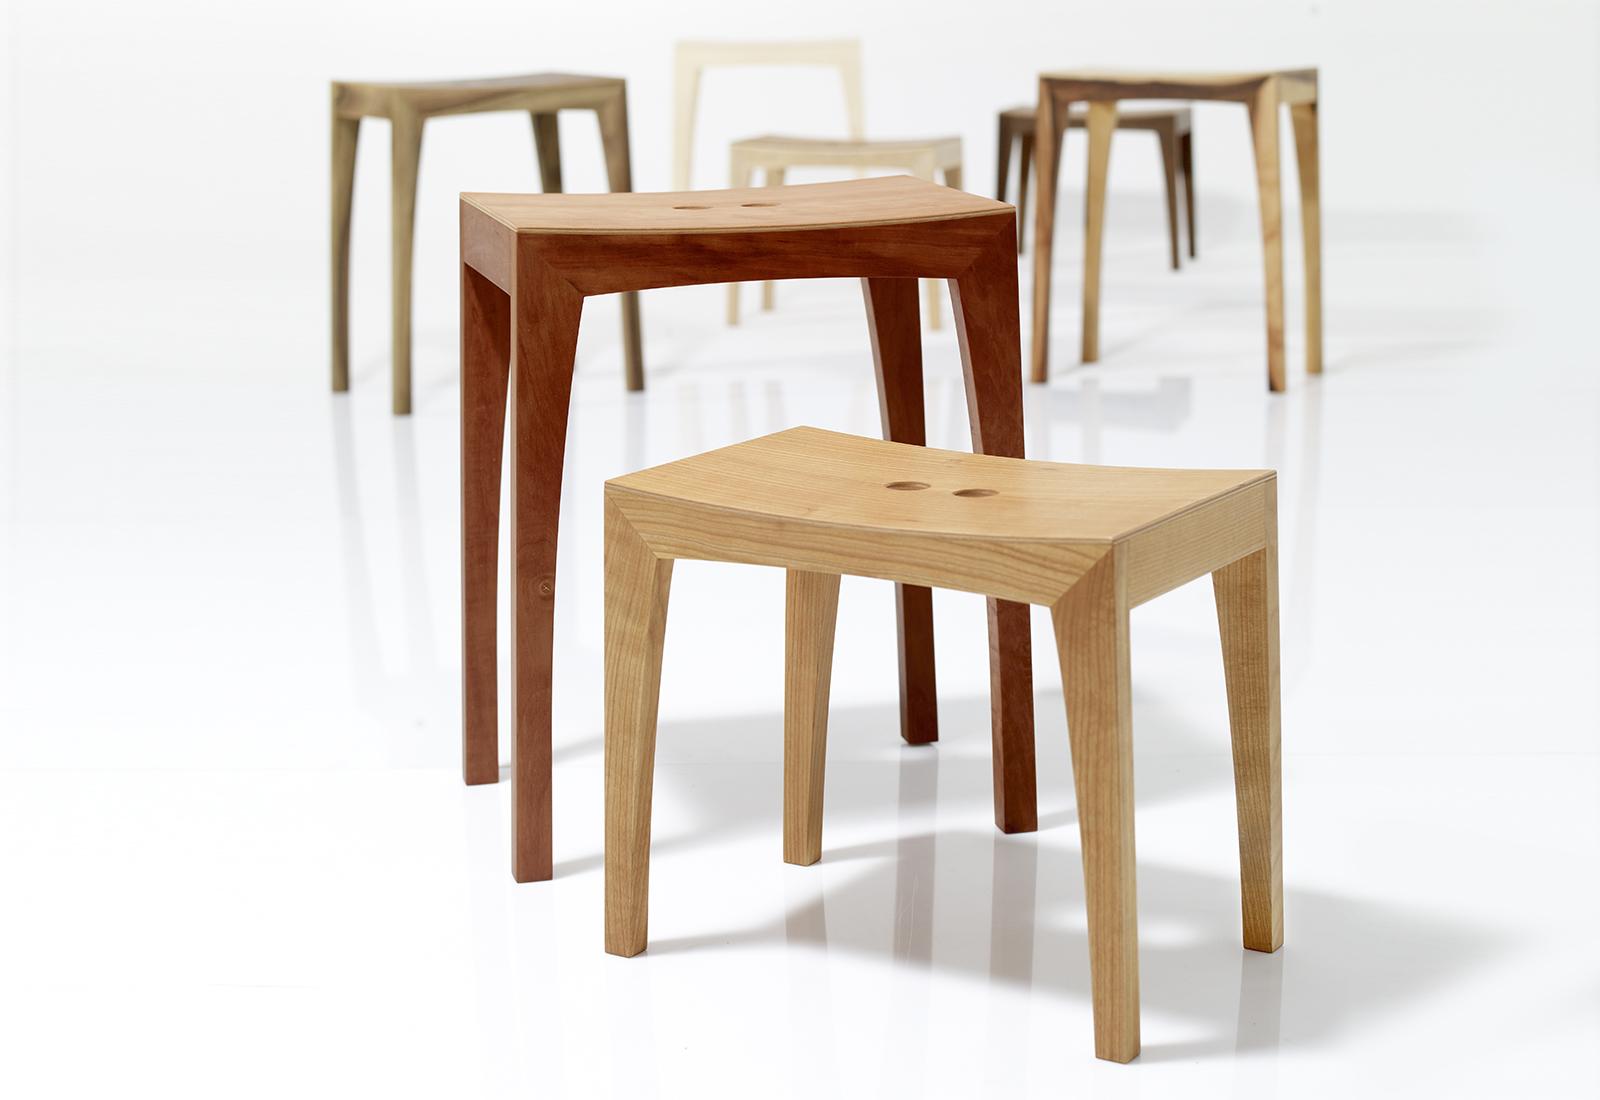 OTTO1 stool